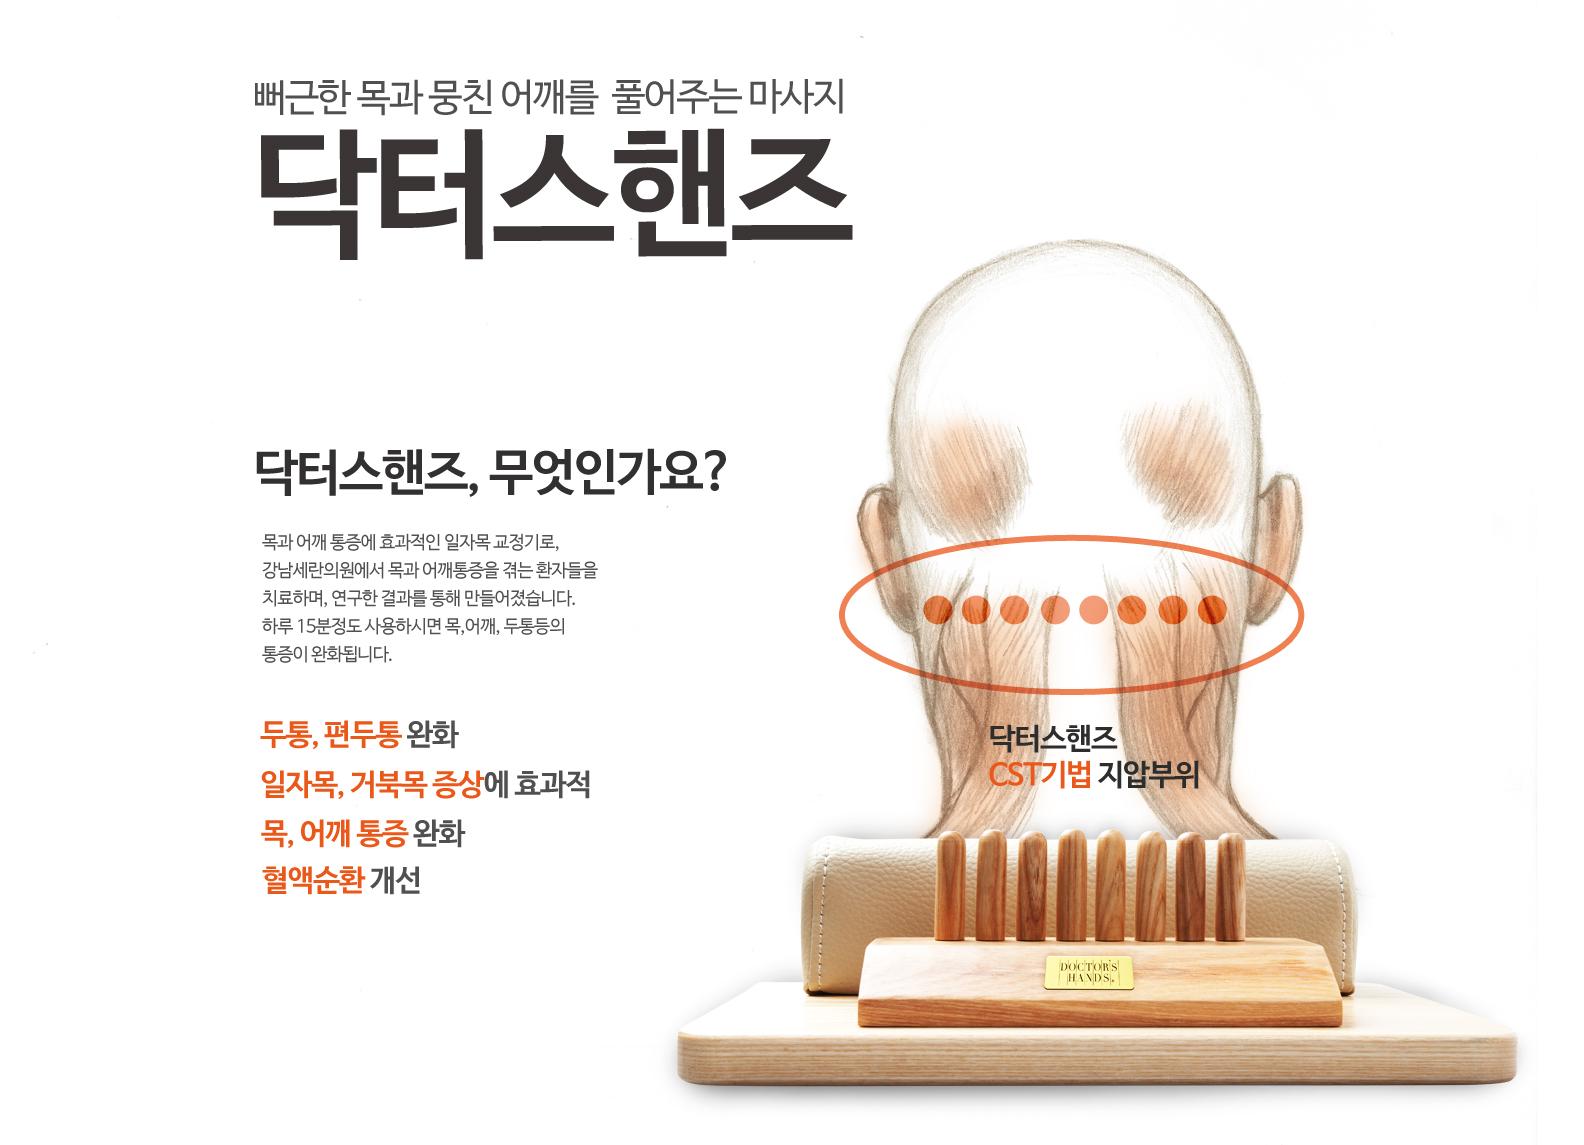 닥터스핸즈 소개